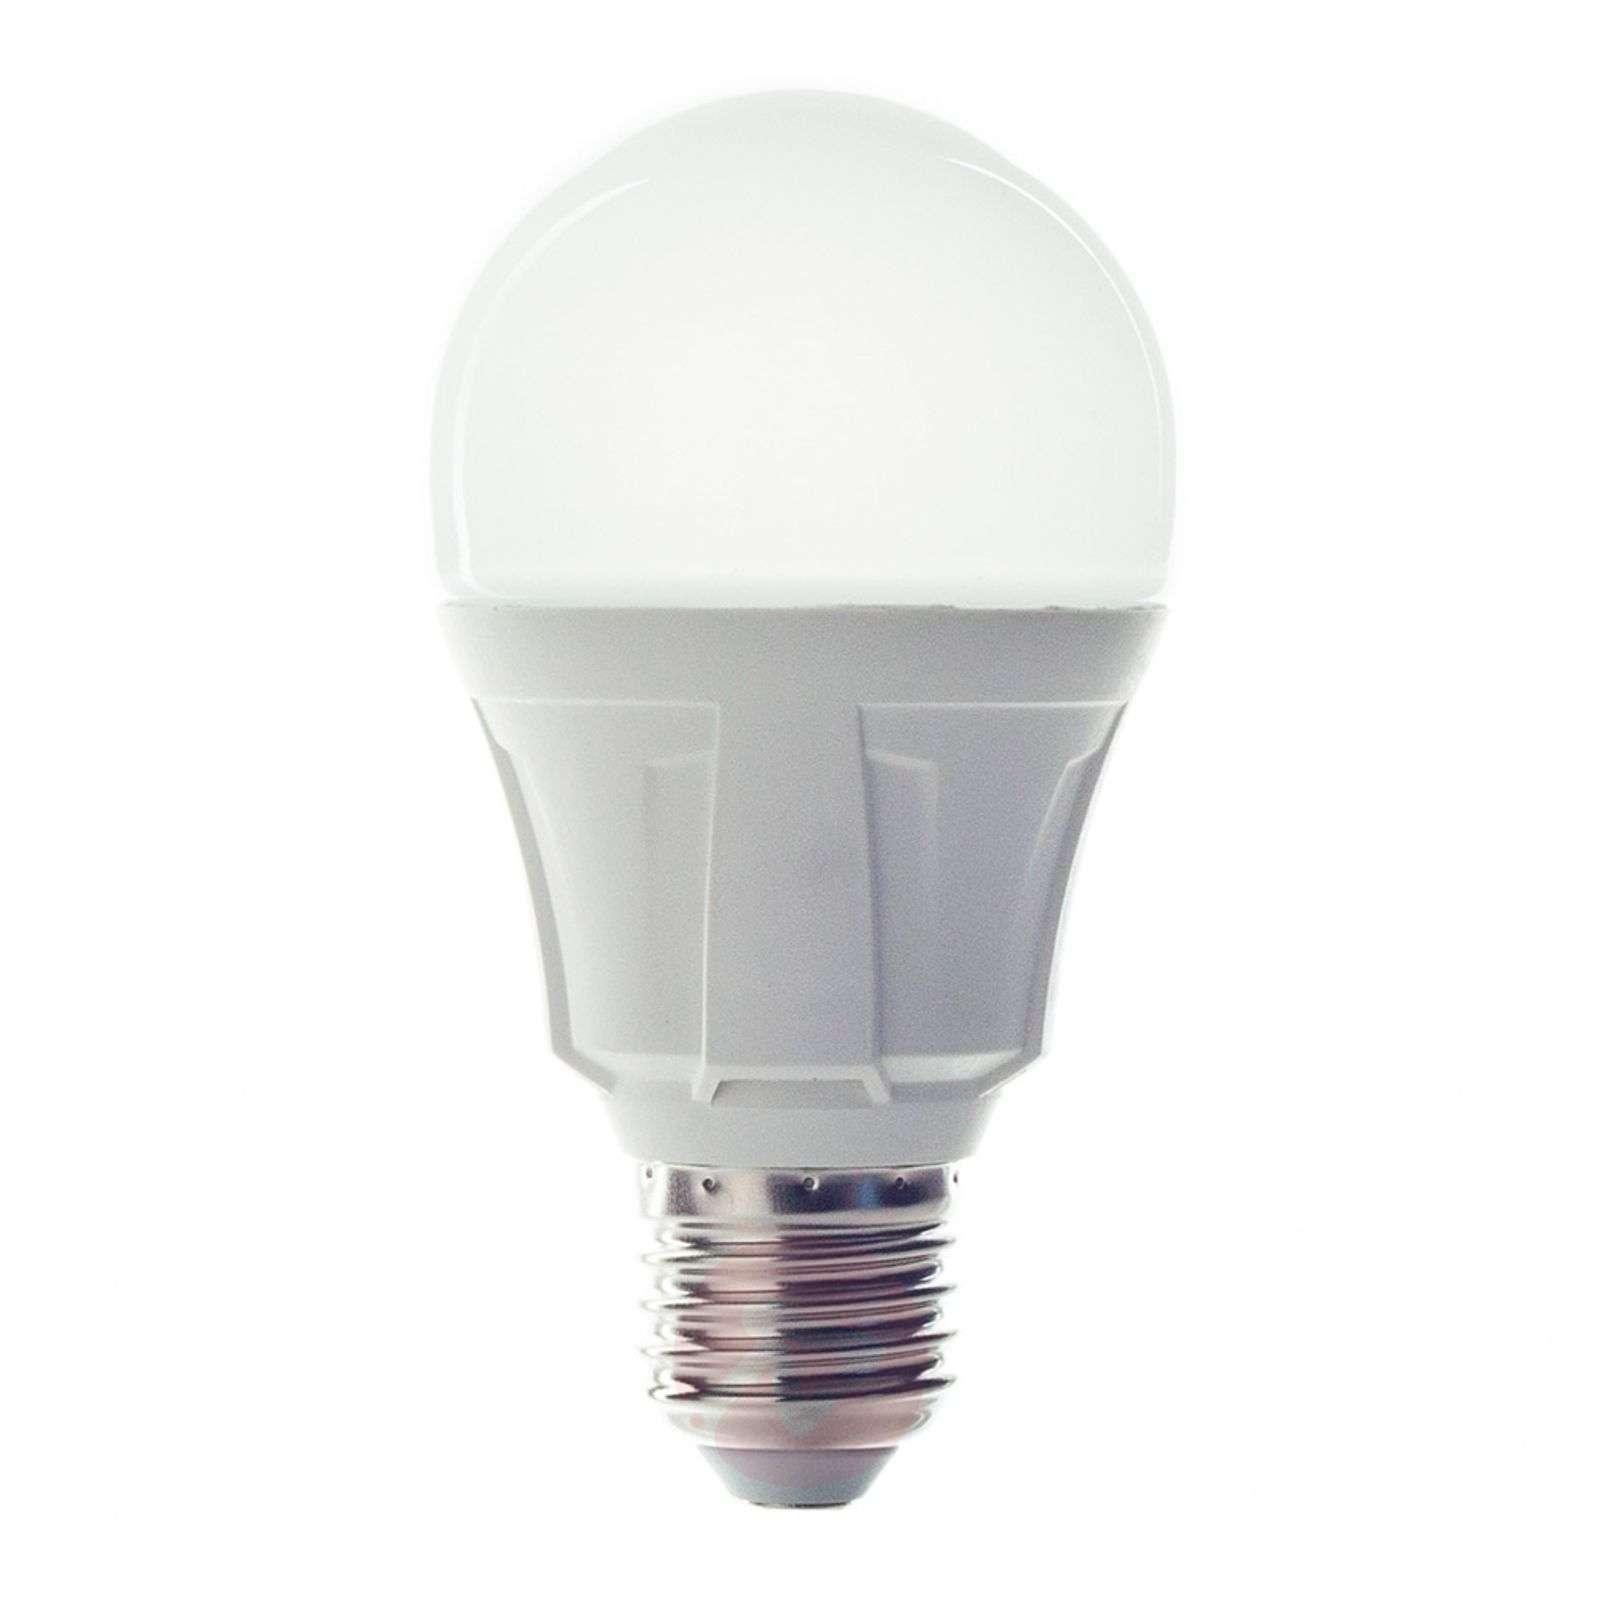 E27 9 W 830 LED Light Filament Bulb Design-9993001-02